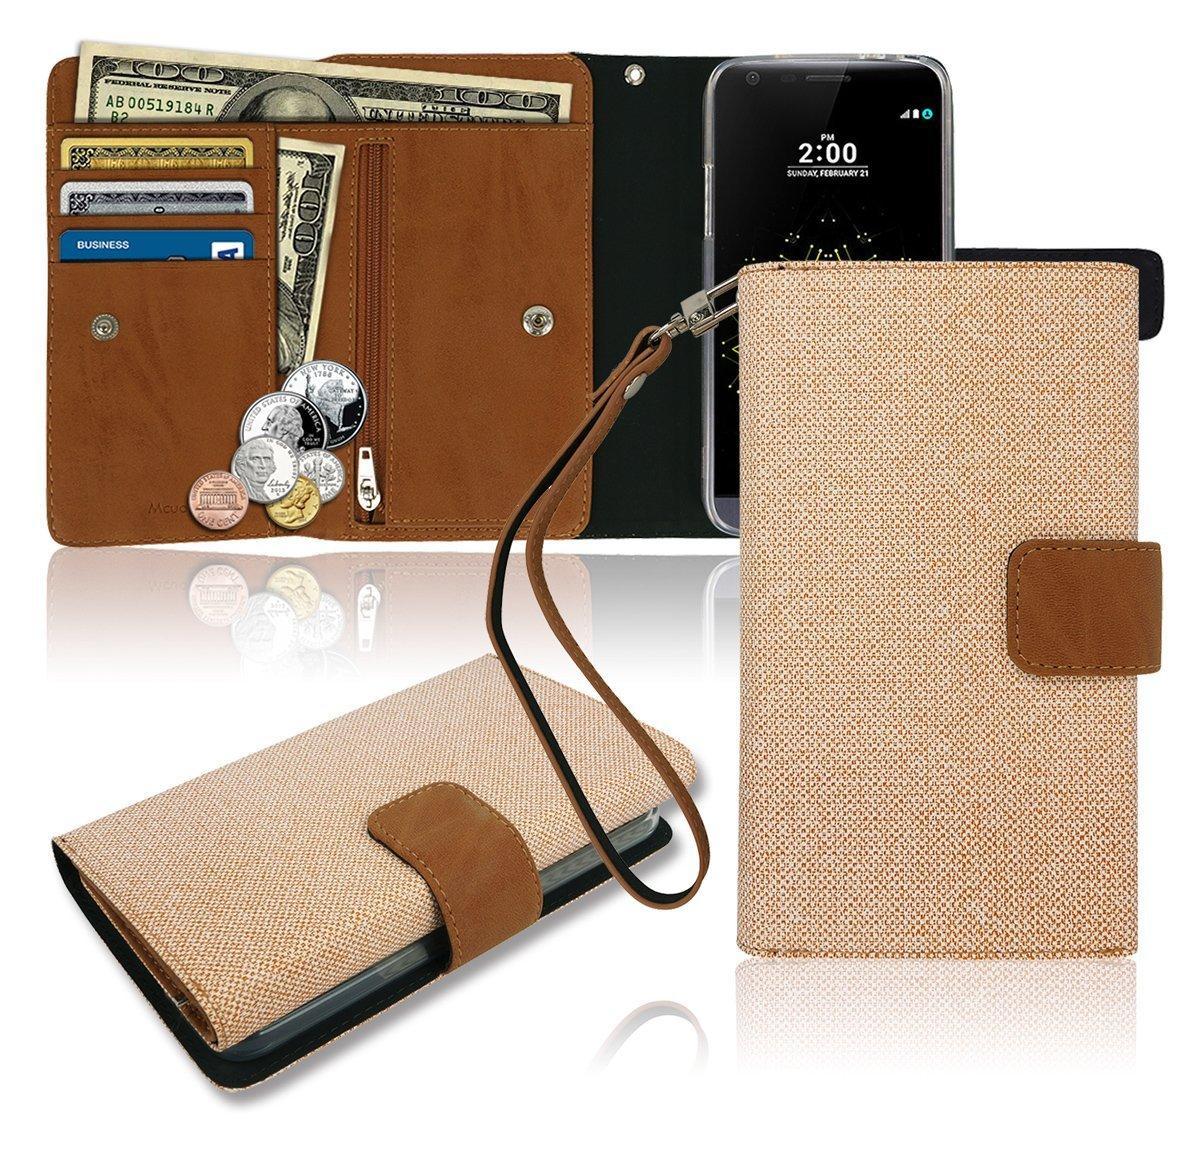 3a7fab2e6d4f Galleon - LG G5 Wallet Case, Zipper [3 Credit Card / Id / Cash ...